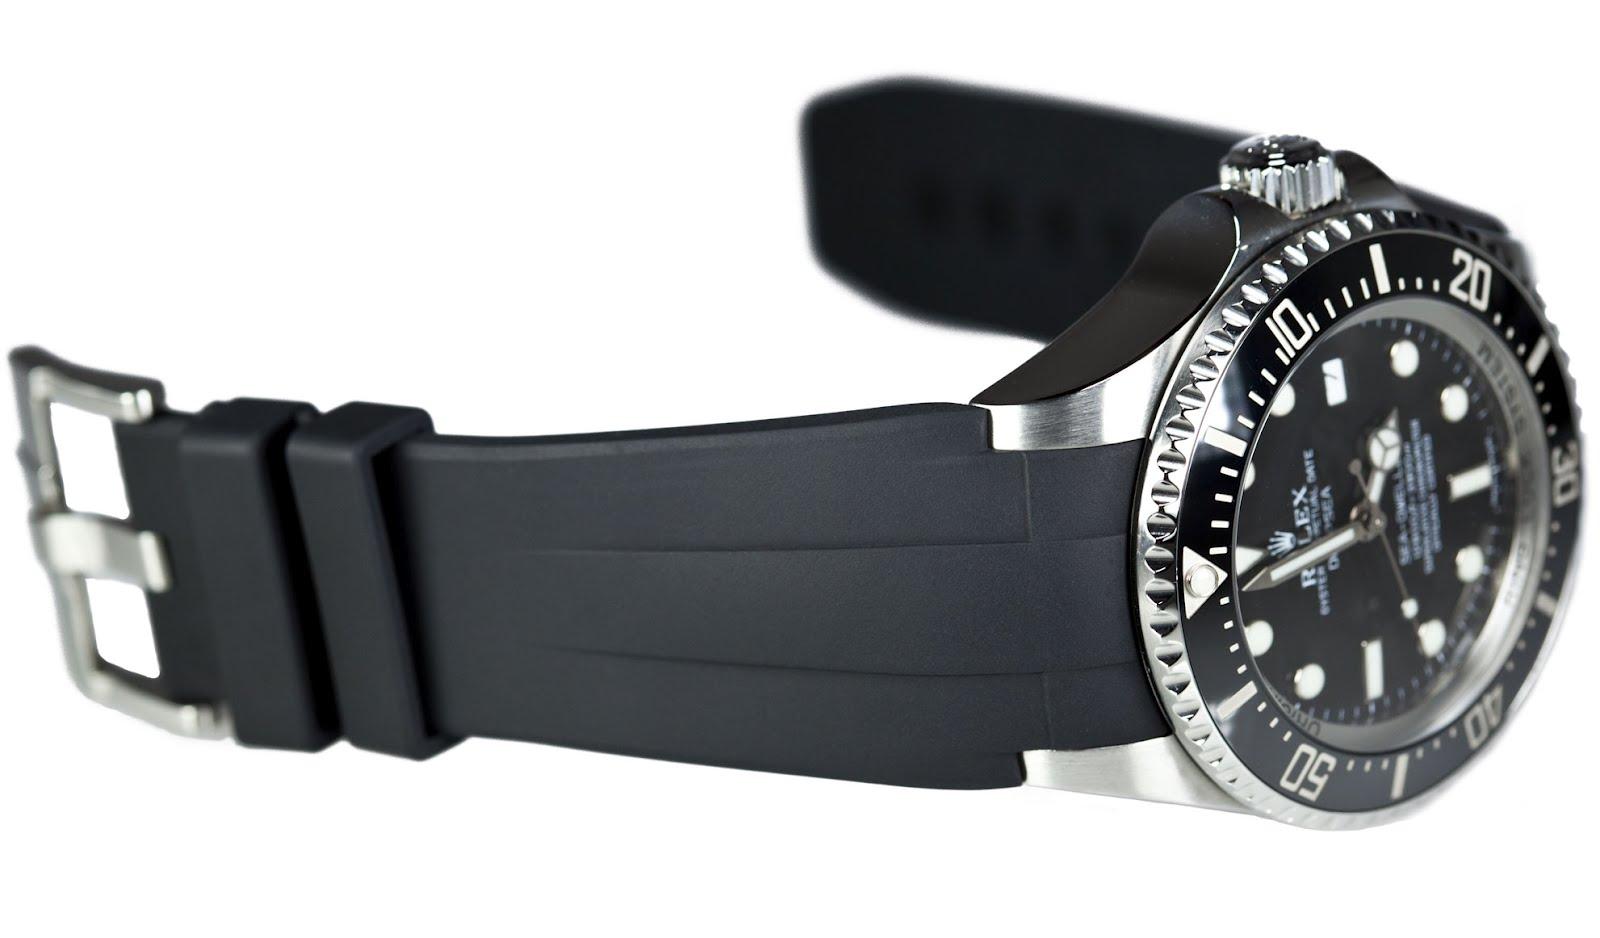 Rolex Submariner Kautschukband